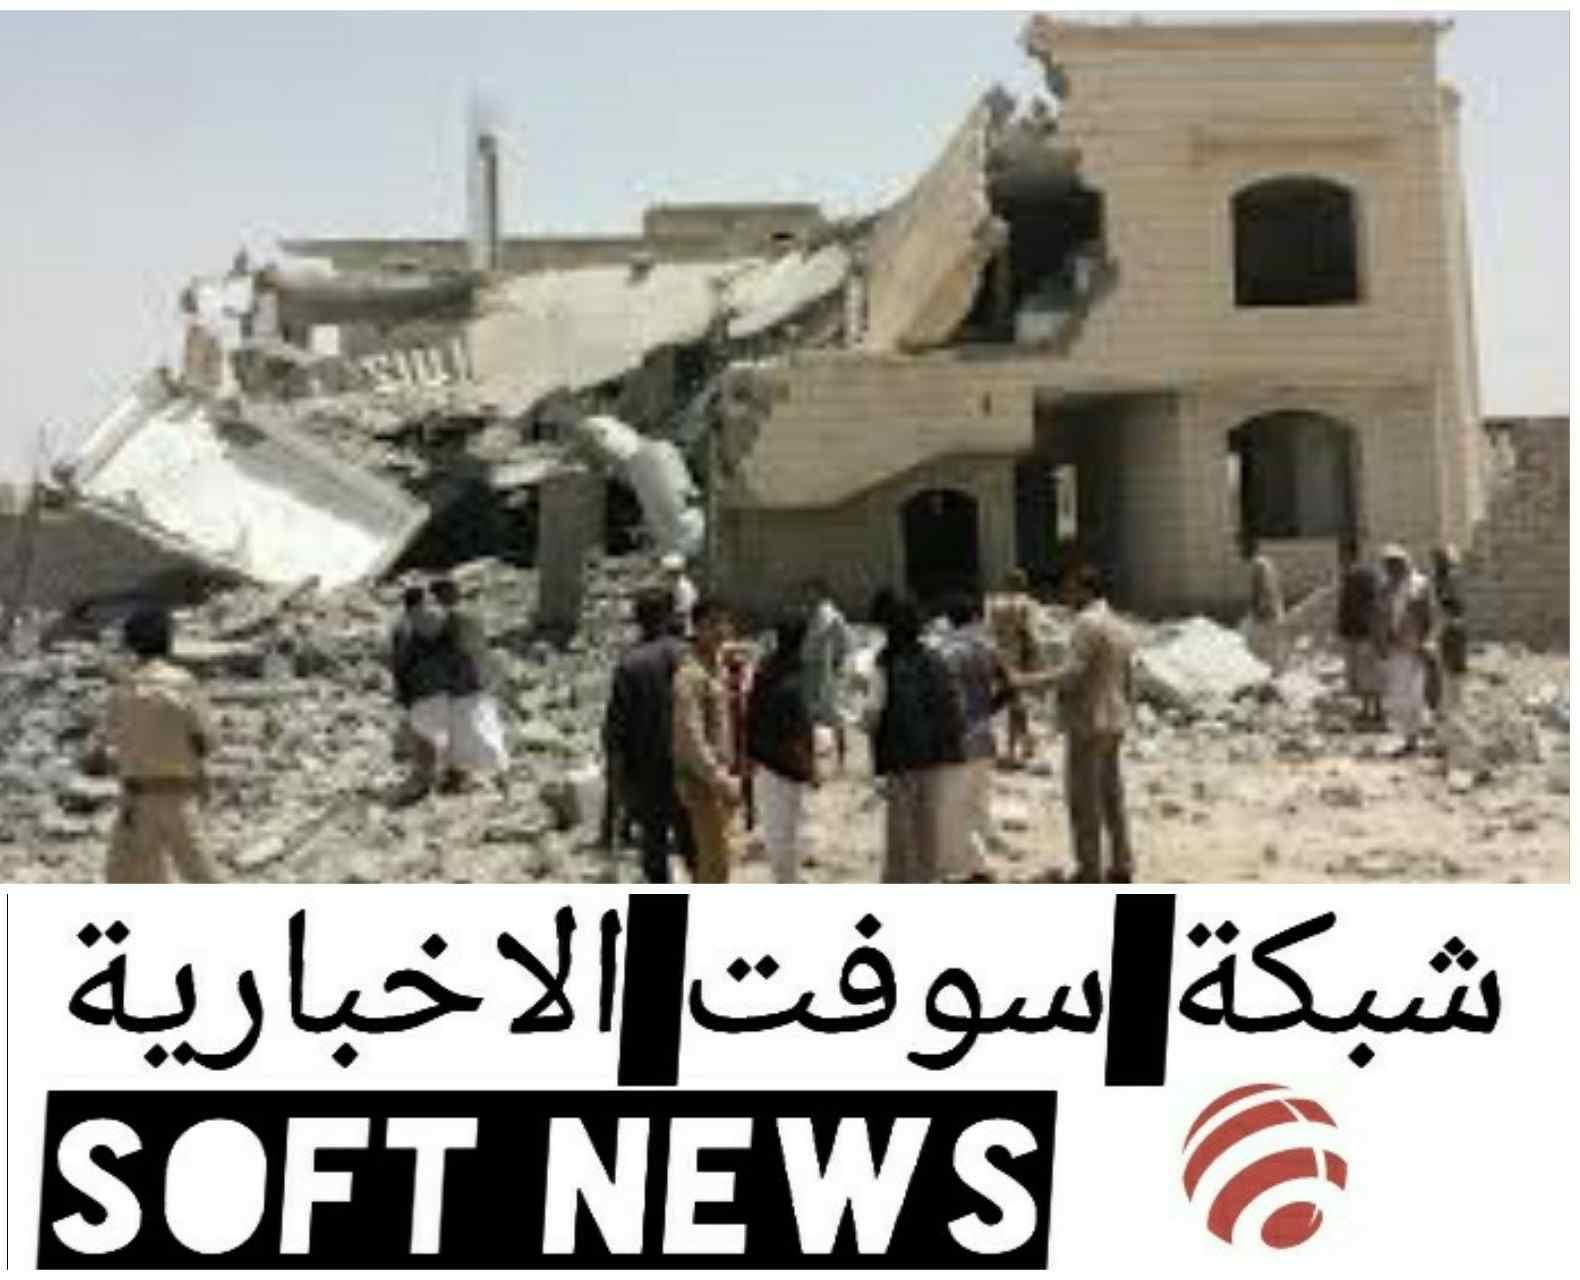 وزير الخارجية الامريكي : انها الحرب في اليمن من اولويات سياسة الخارجية للرائيس الامريكي جو بايدان